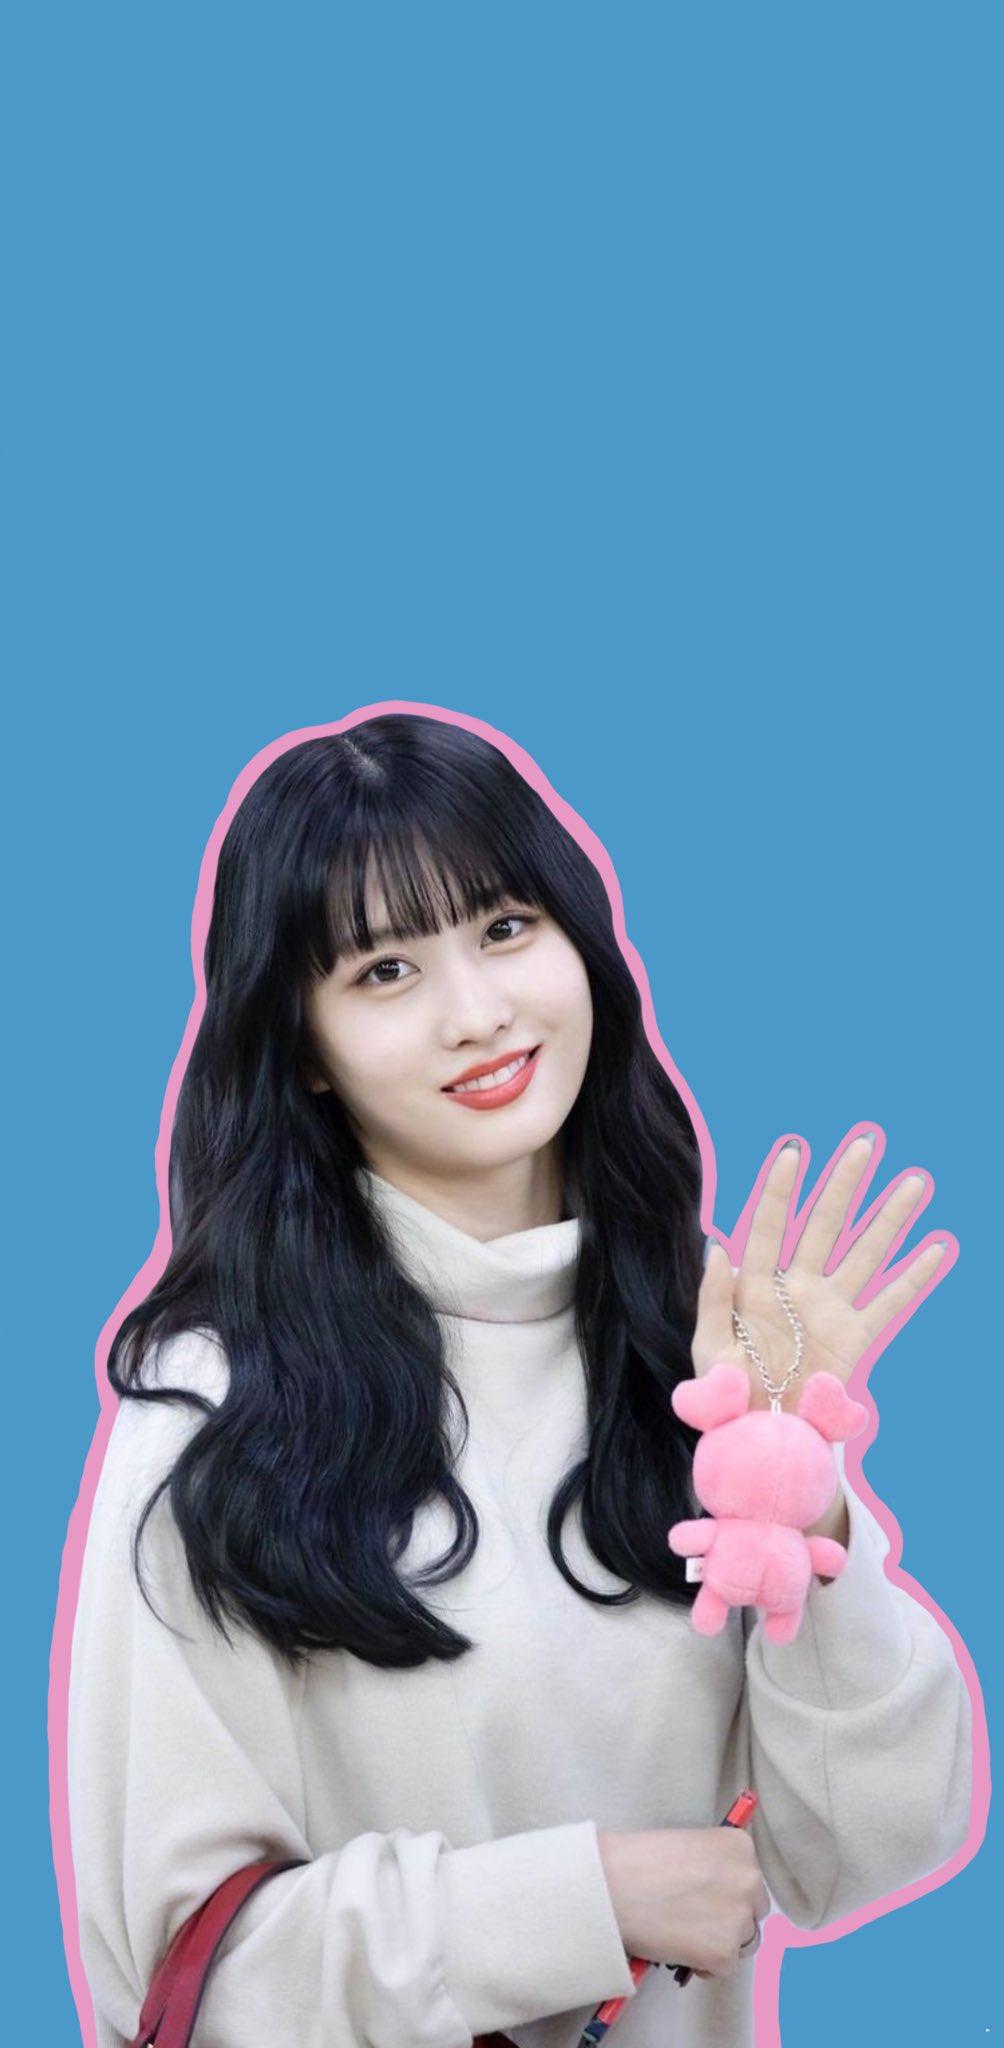 Momo Twice Jyp Ent Wallpaper 42972911 Fanpop